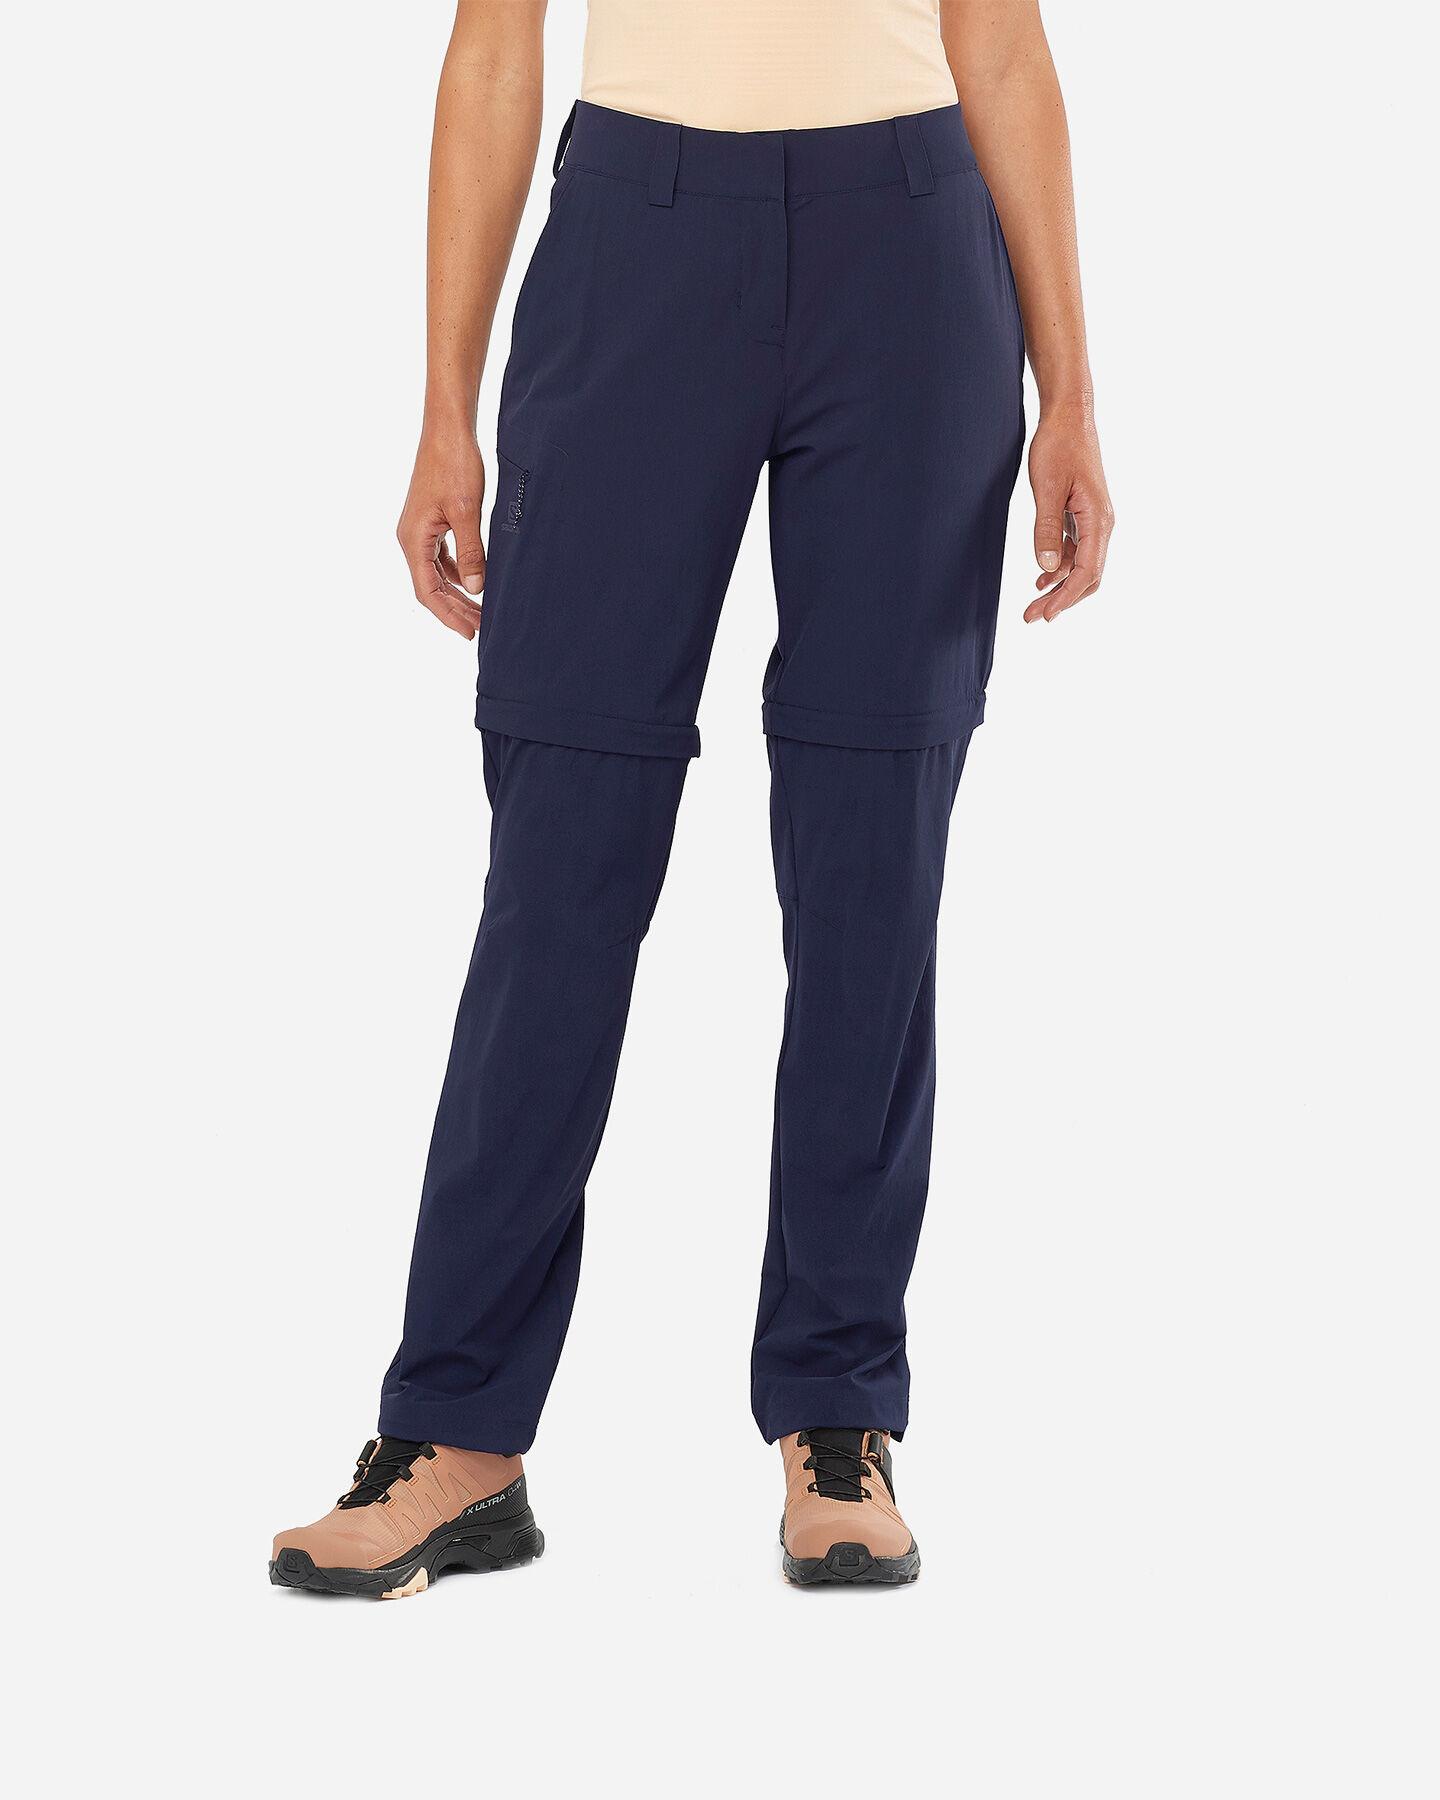 Pantalone outdoor SALOMON OUTLINE W S5288493 scatto 1